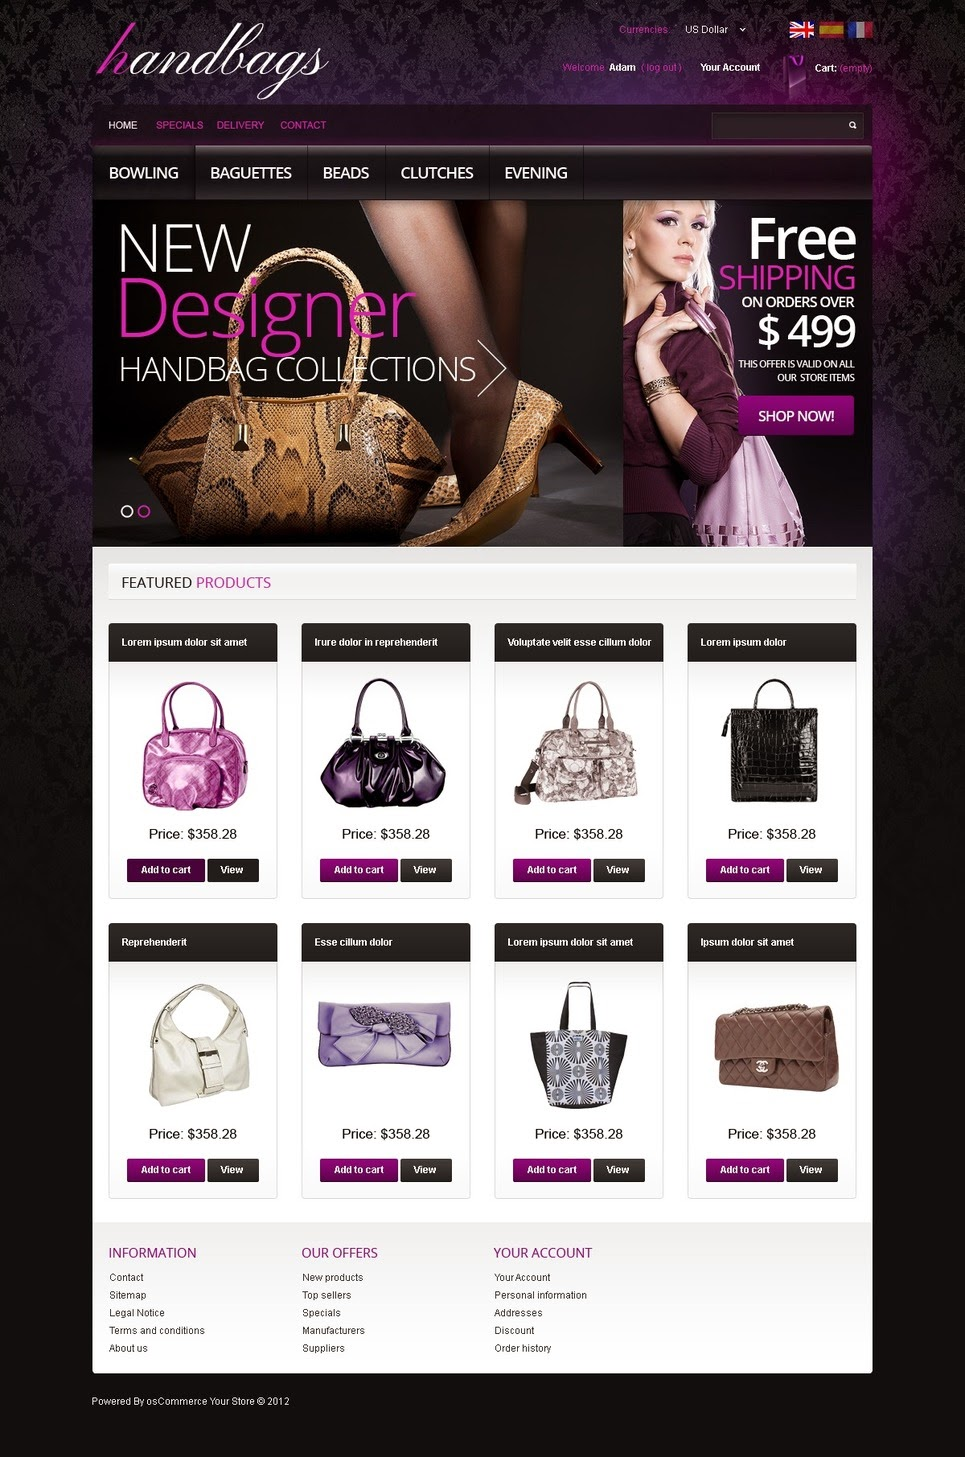 thiết kế website bán hàng túi xách đẹp